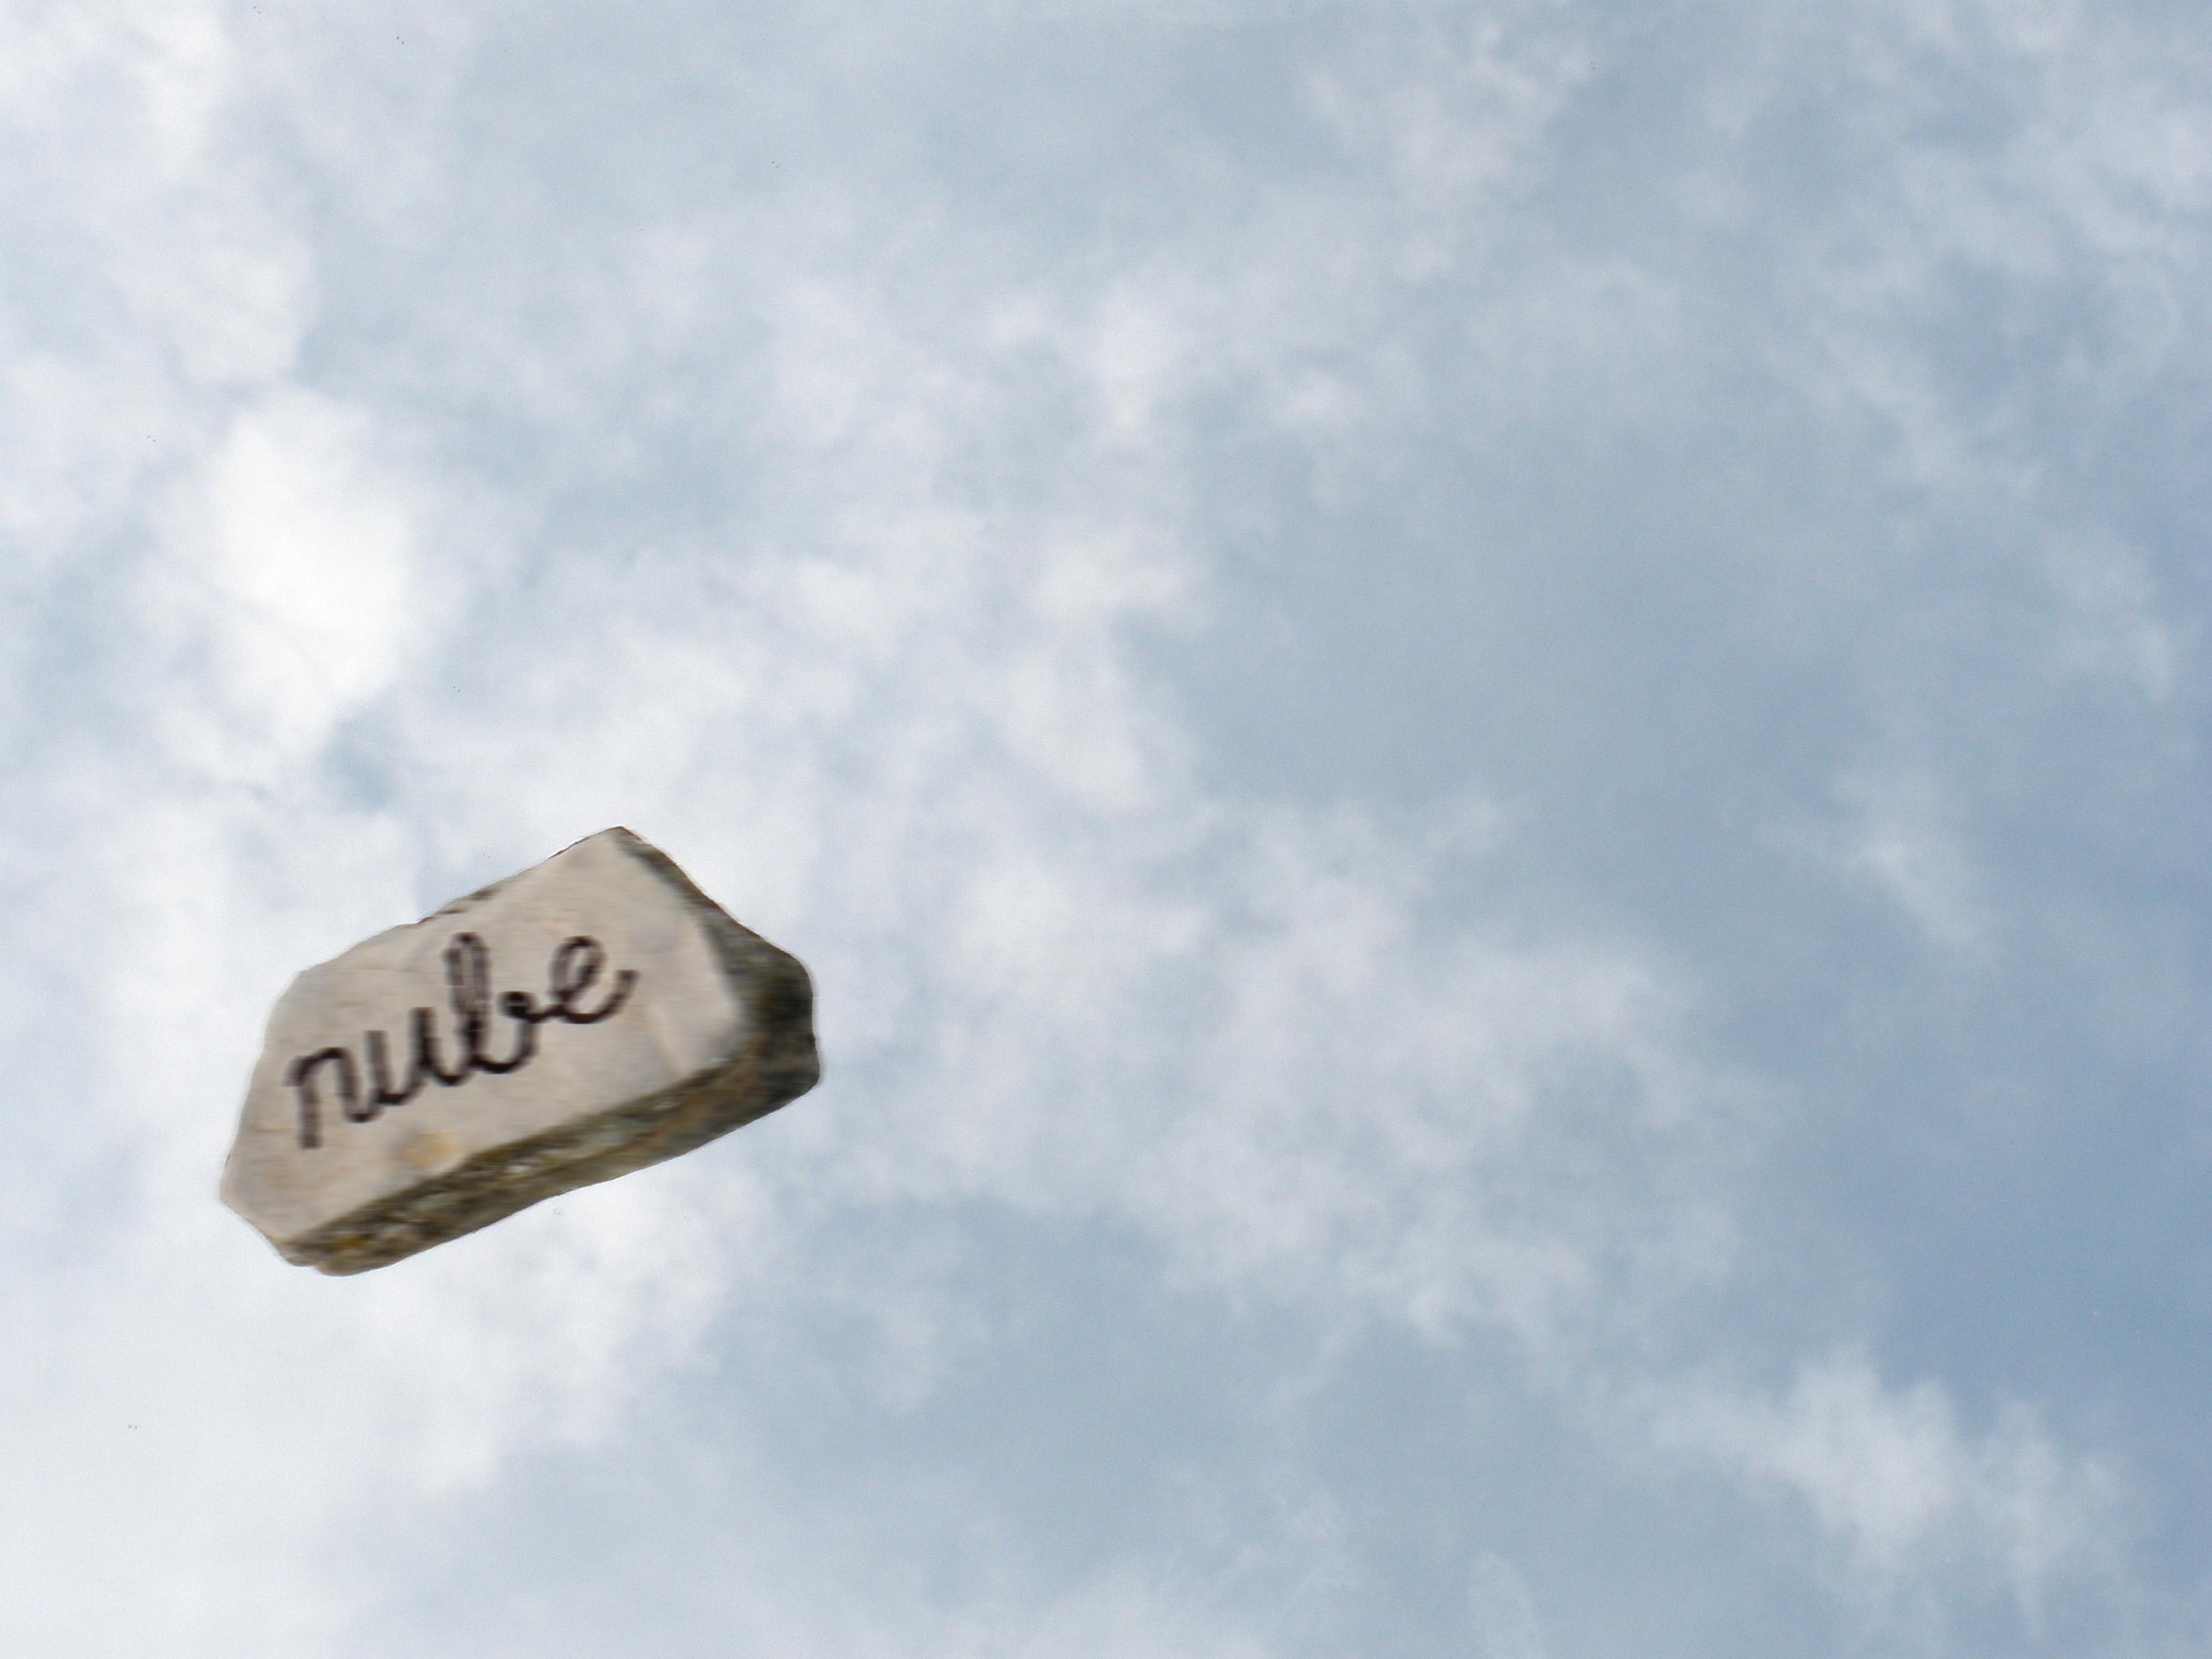 Sube a mi nube